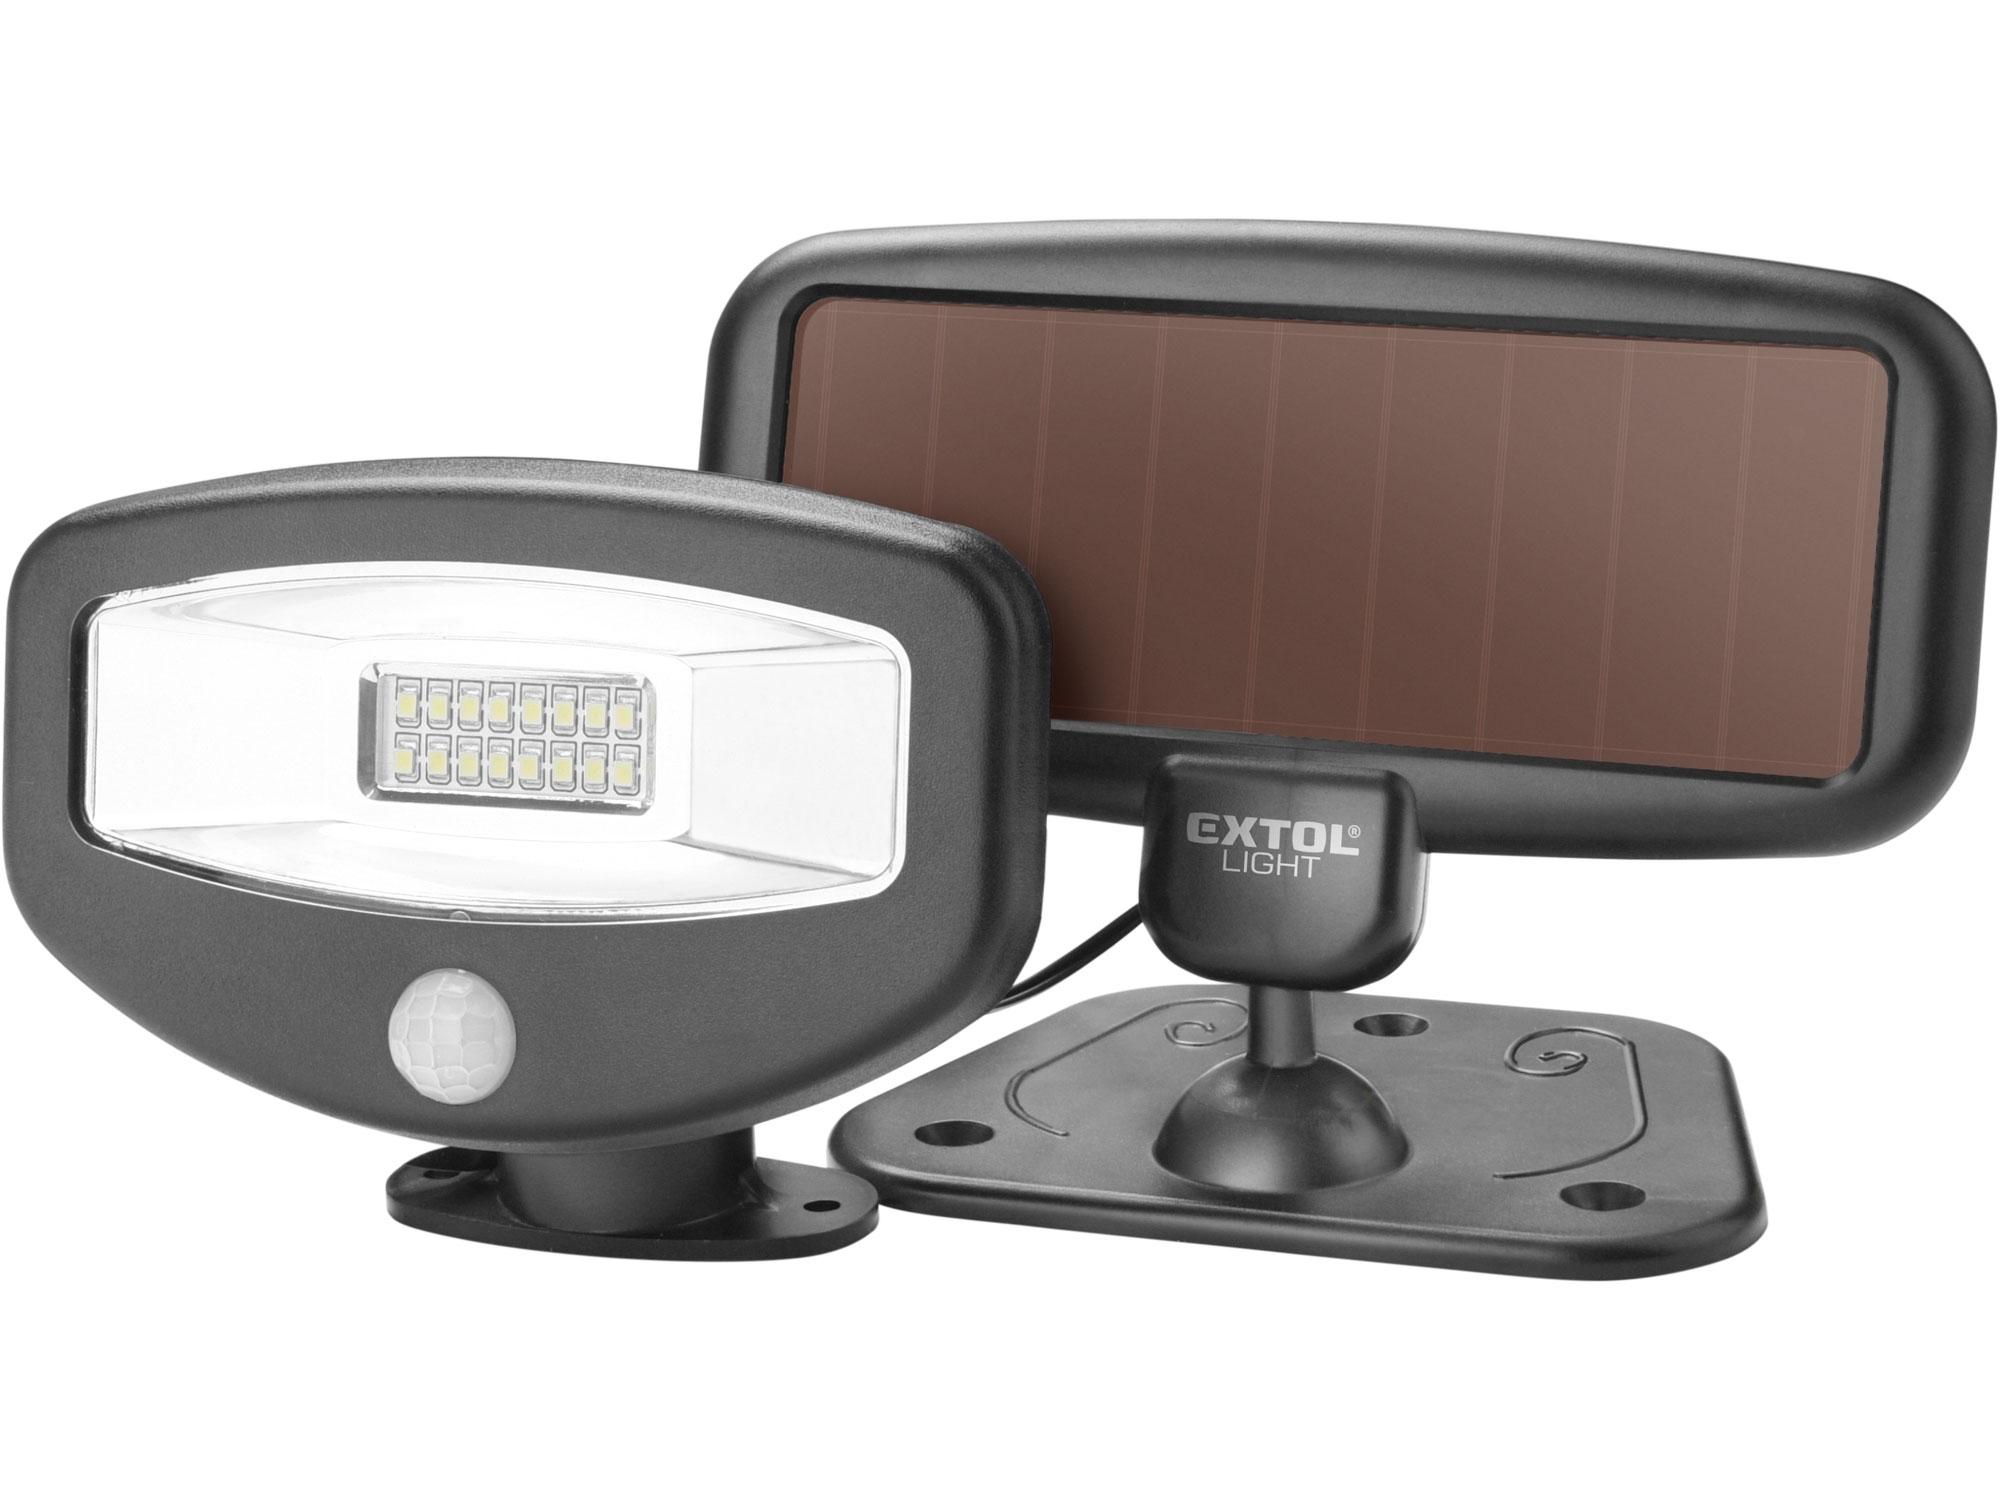 reflektor LED s pohybovým čidlem, 100lm, solární nabíjení, EXTOL LIGHT 43270